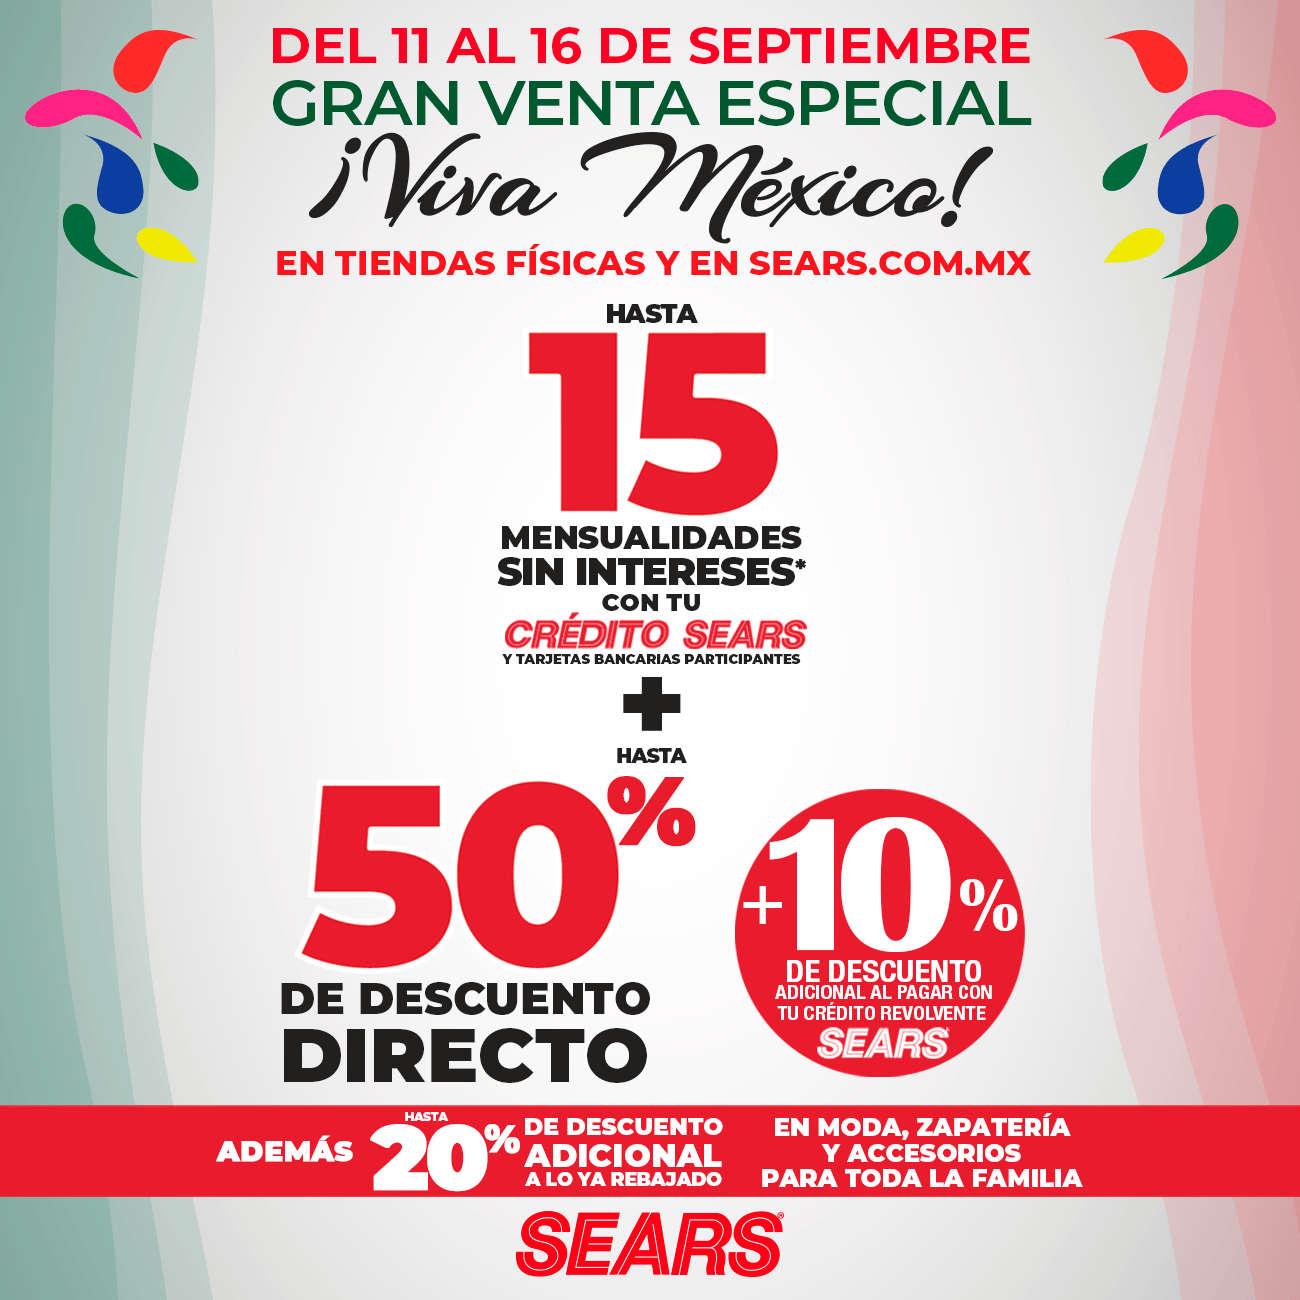 Venta Especial Sears Viva México del 11 al 16 de septiembre 2020